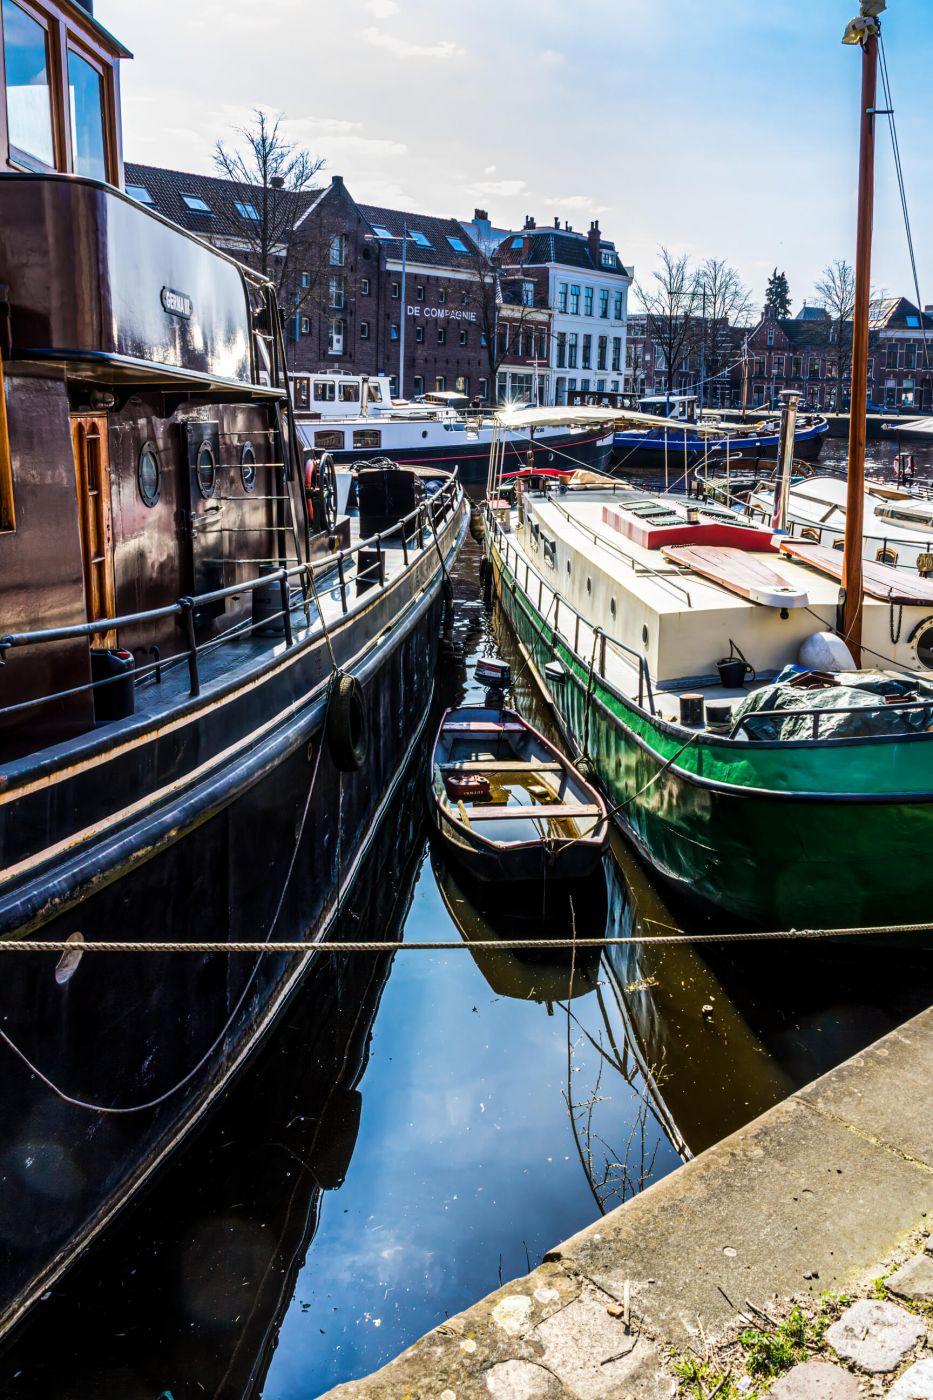 Noorderhaven Groningen, Netherlands